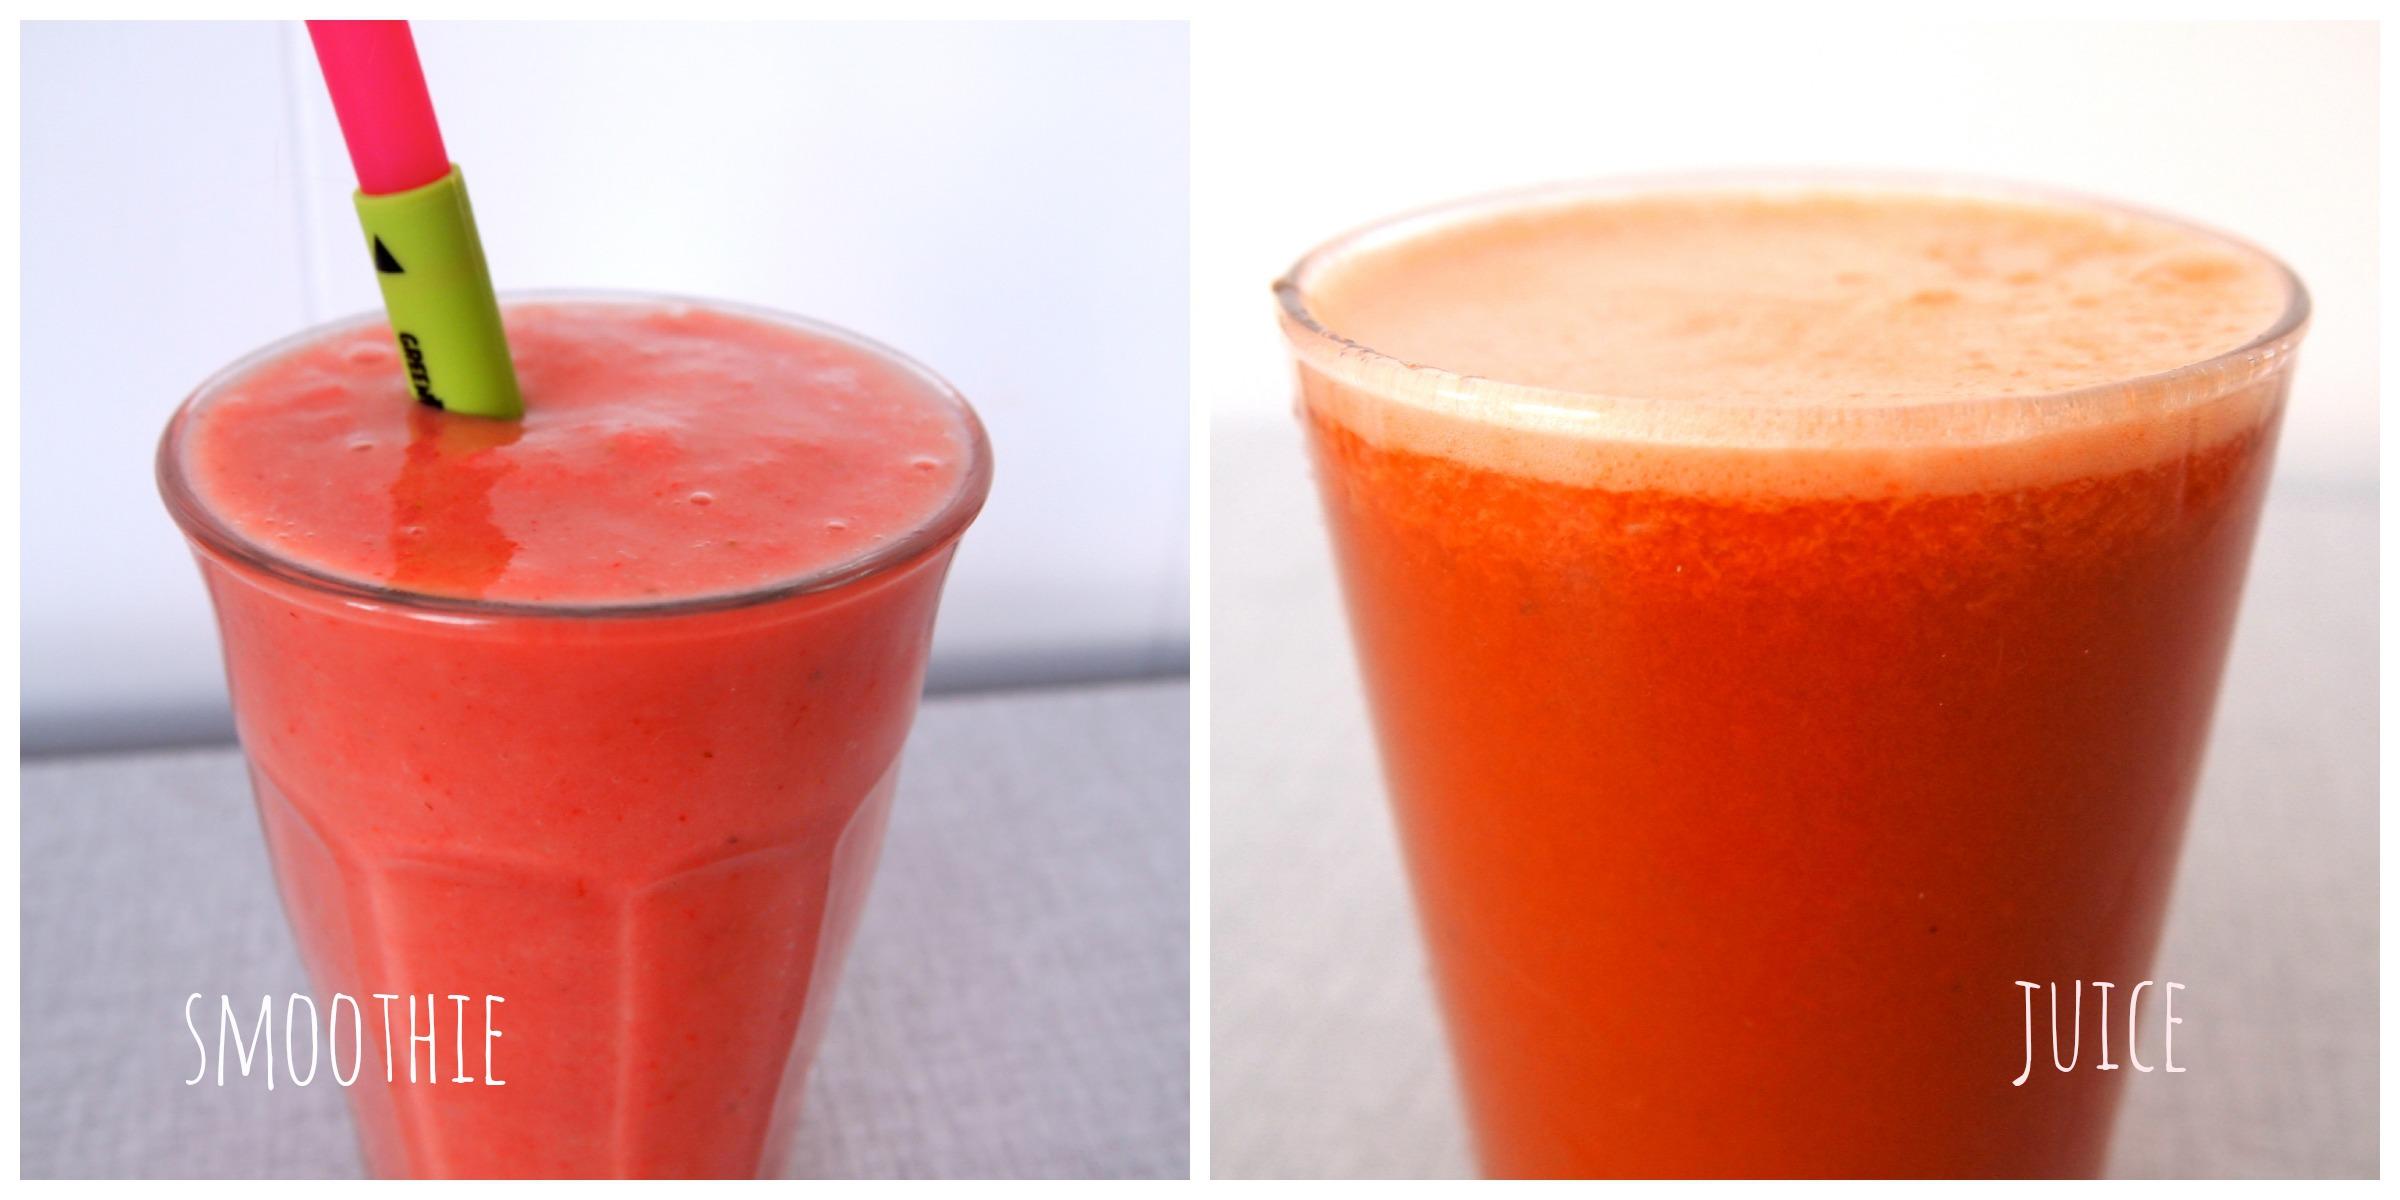 Avocado Juice Slow Juicer : Juicer recepten Huishoudelijke apparaten vanuit een andere hoek